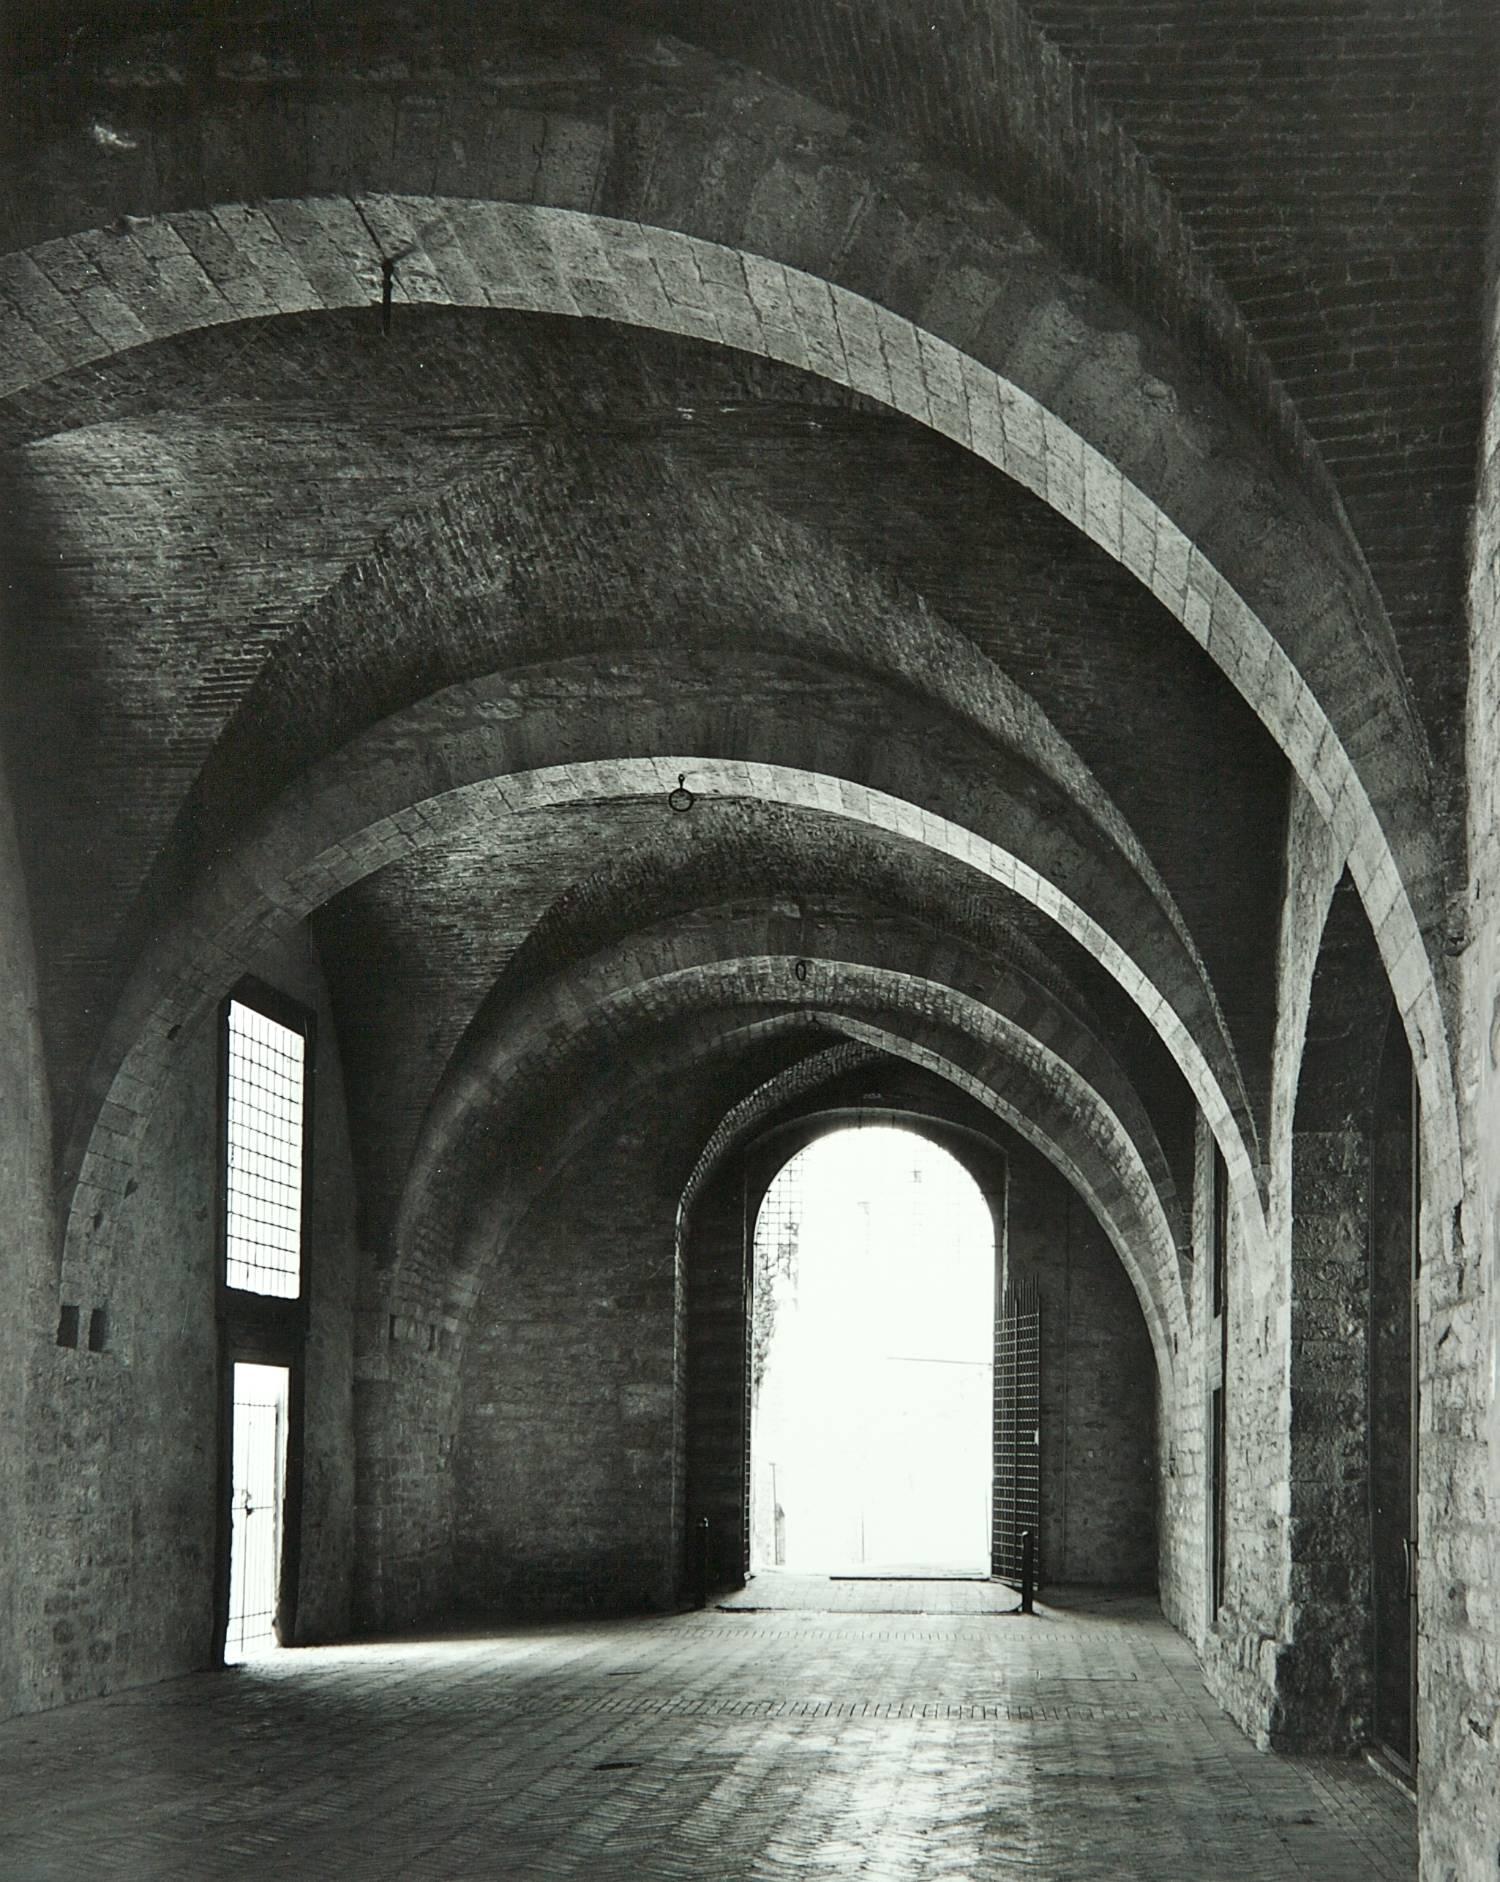 Archway (Gubbio, Italy)